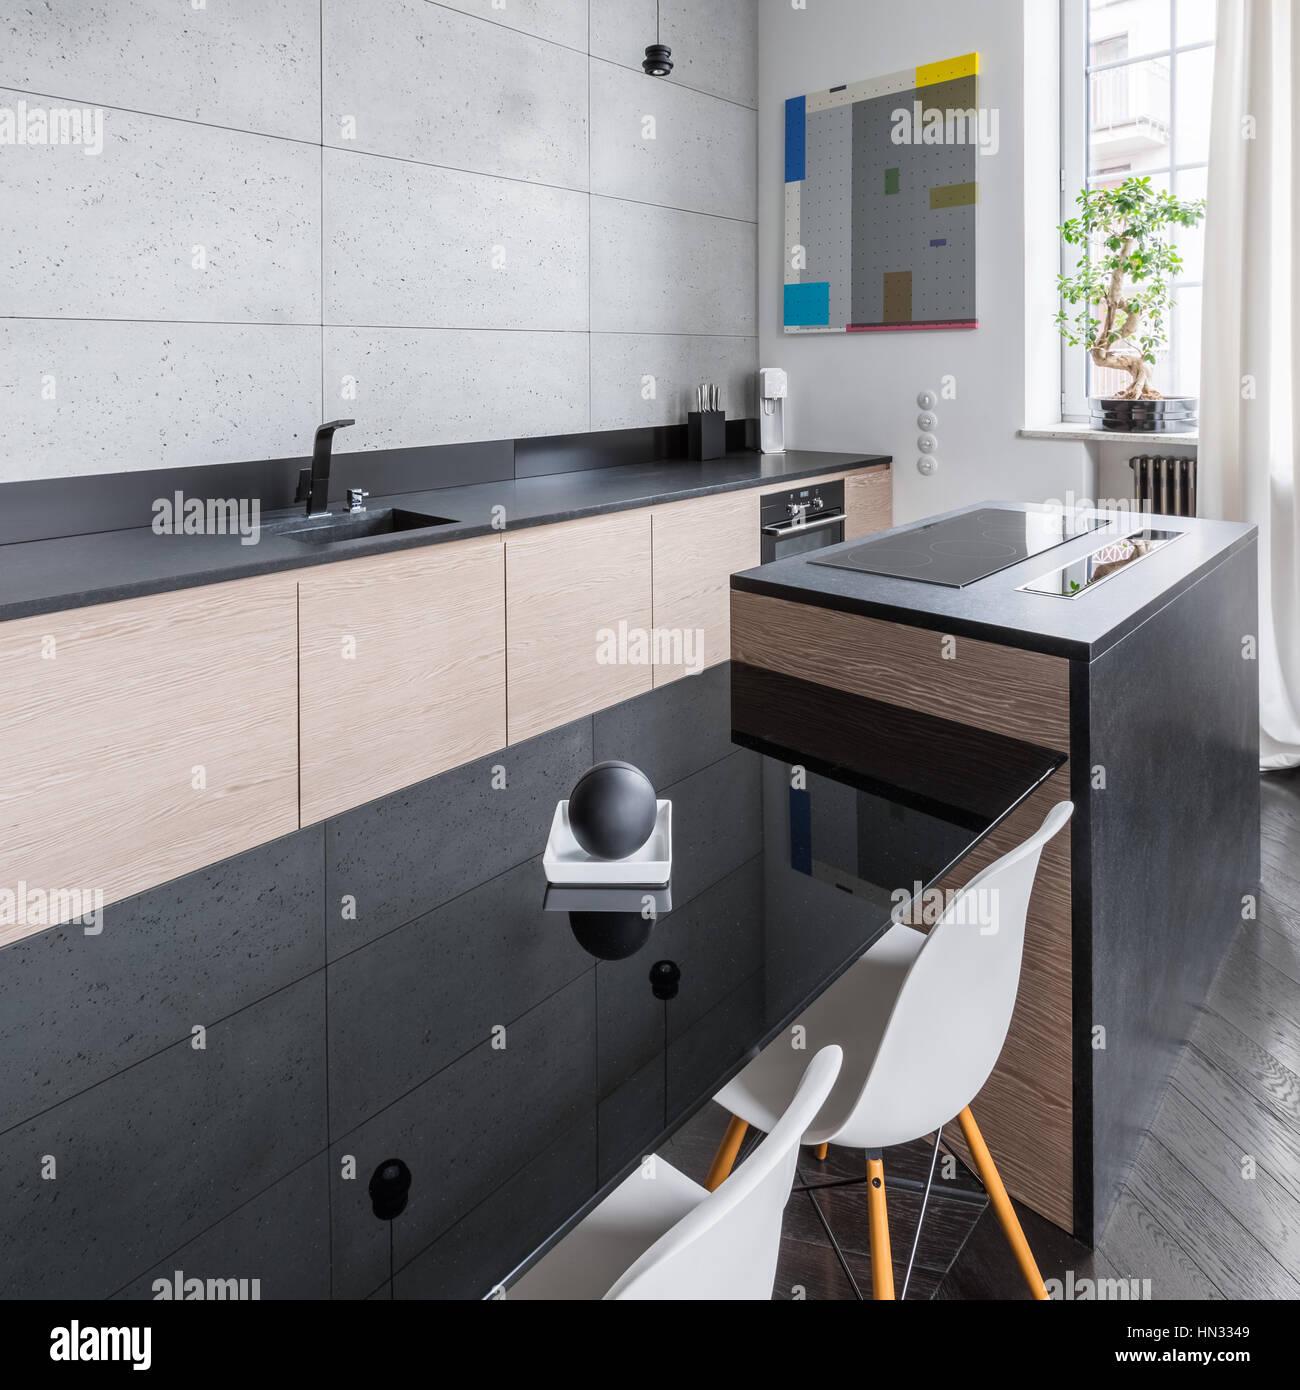 Moderna e elegante cucina con bancone nero e tavolo e sedie bianche foto immagine stock - Cucina con bancone ...